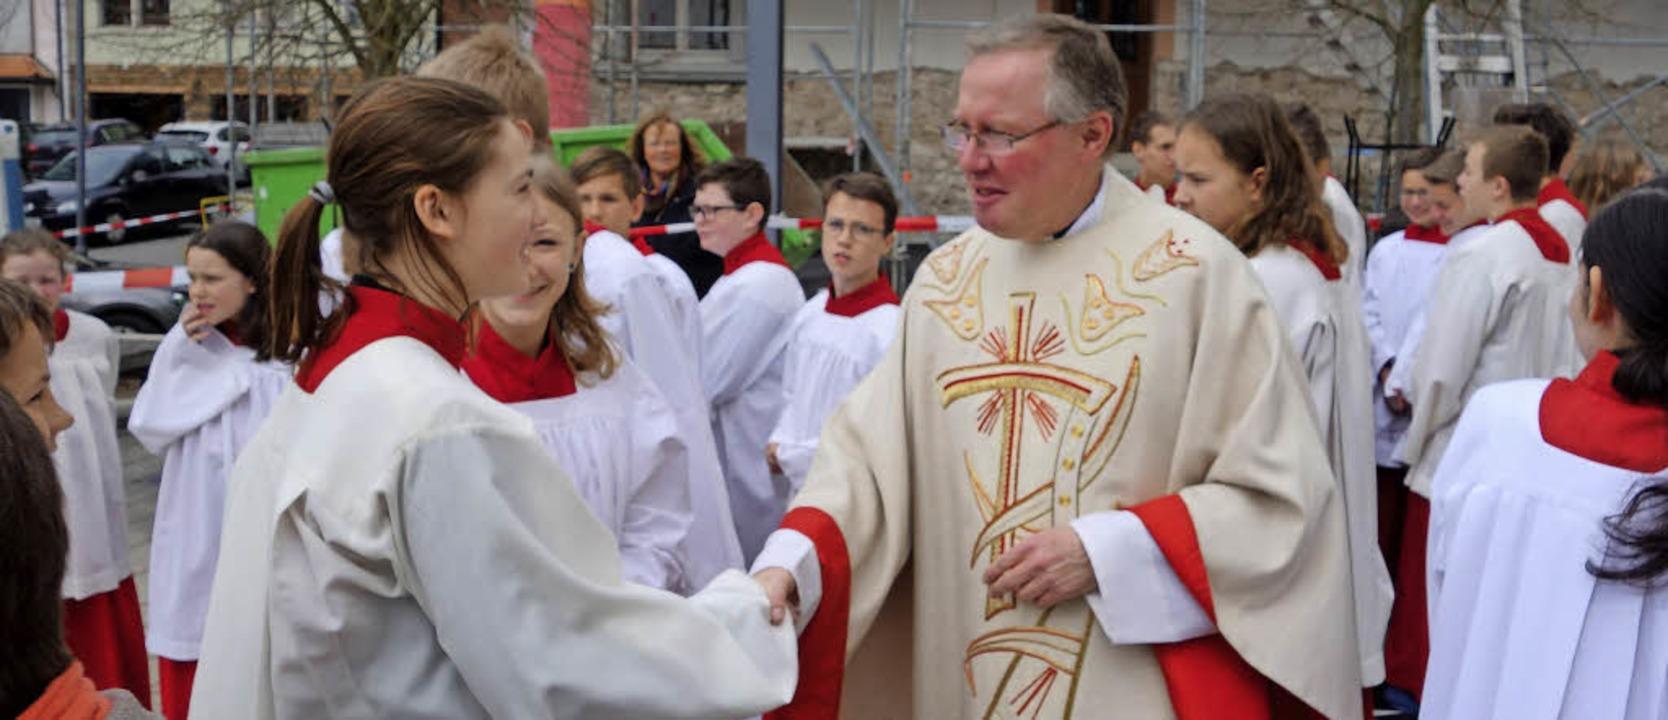 Pfarrer Olaf Winter verabschiedet sich von seinen Ministranten.  | Foto: Andreas Mahler